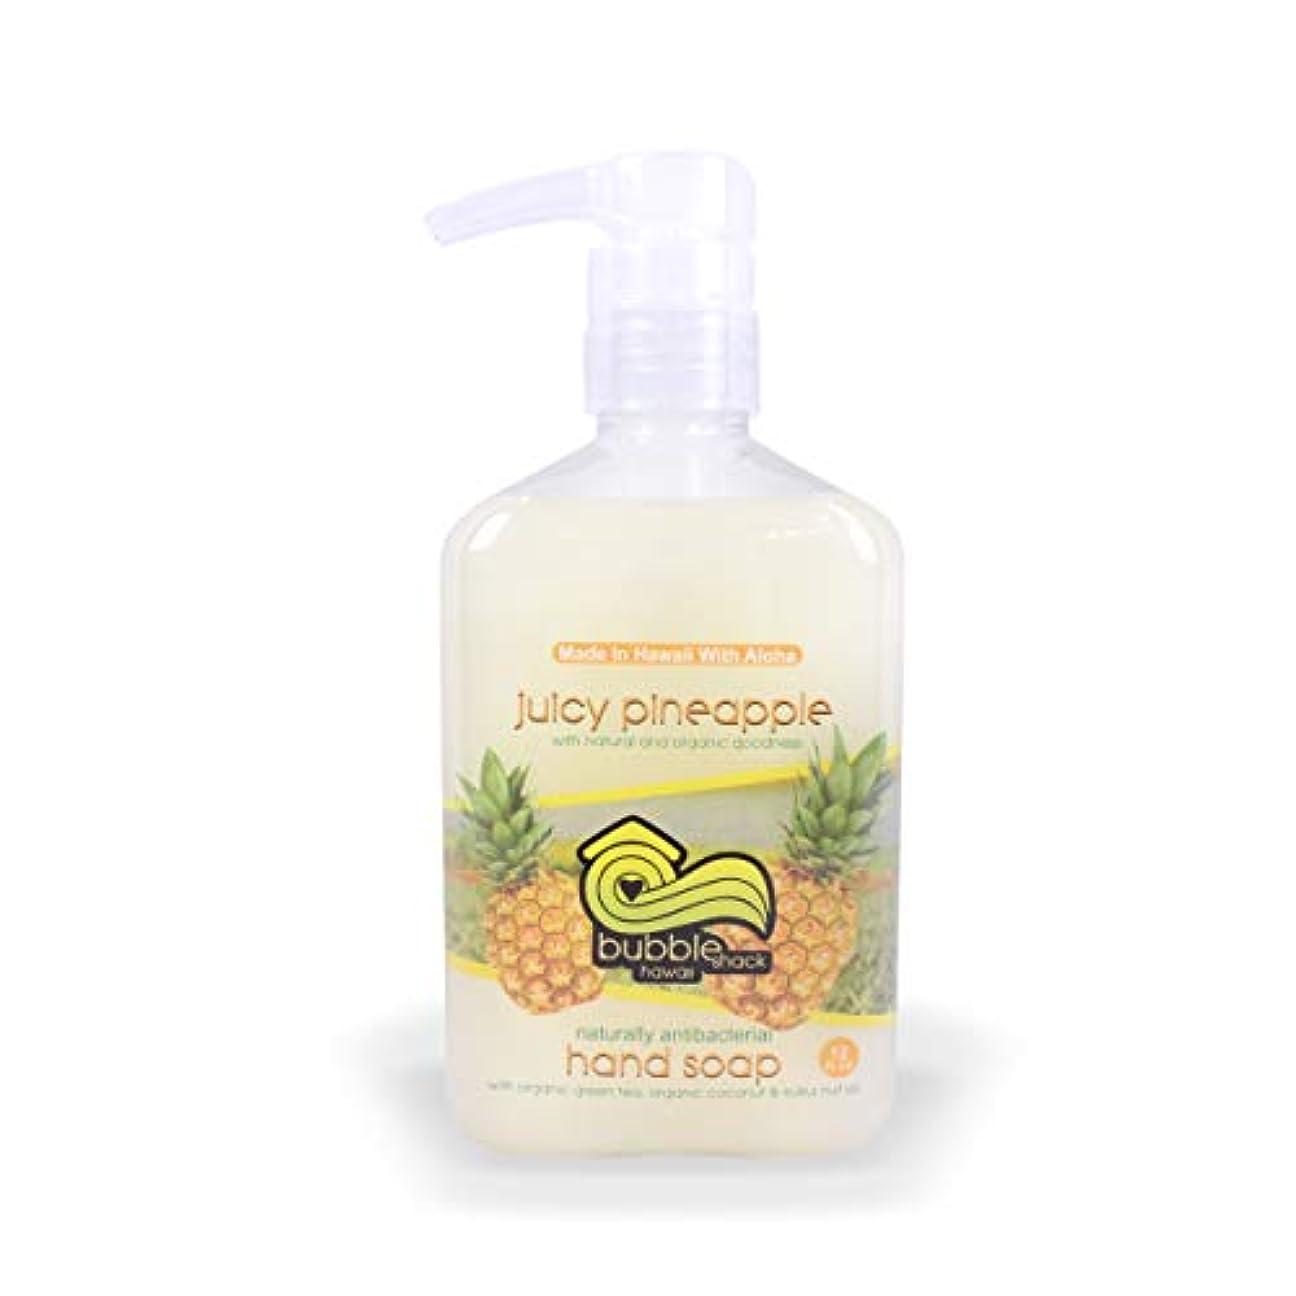 暗殺者過激派天井【正規輸入品】 バブルシャック?ハワイ Bubble shack Hand Soap ハンドソープ juicy pineapple ジューシーパイナップル 340ml